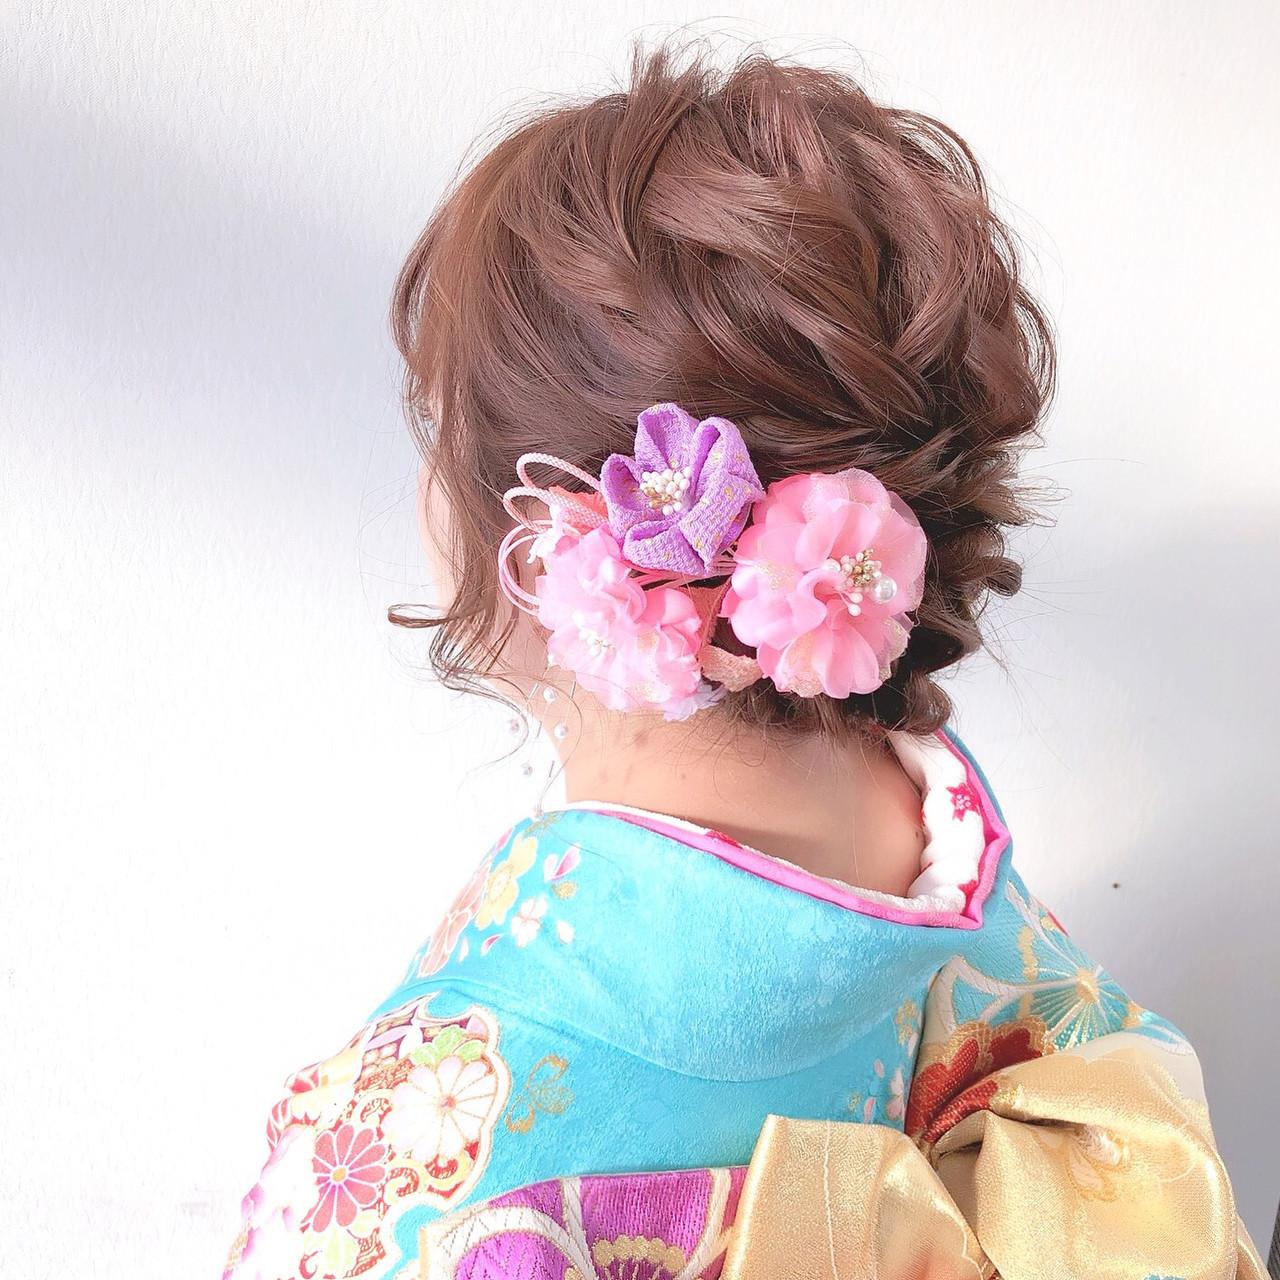 脱オバサンのふんわり編み込みヘア ヤマナカサトル